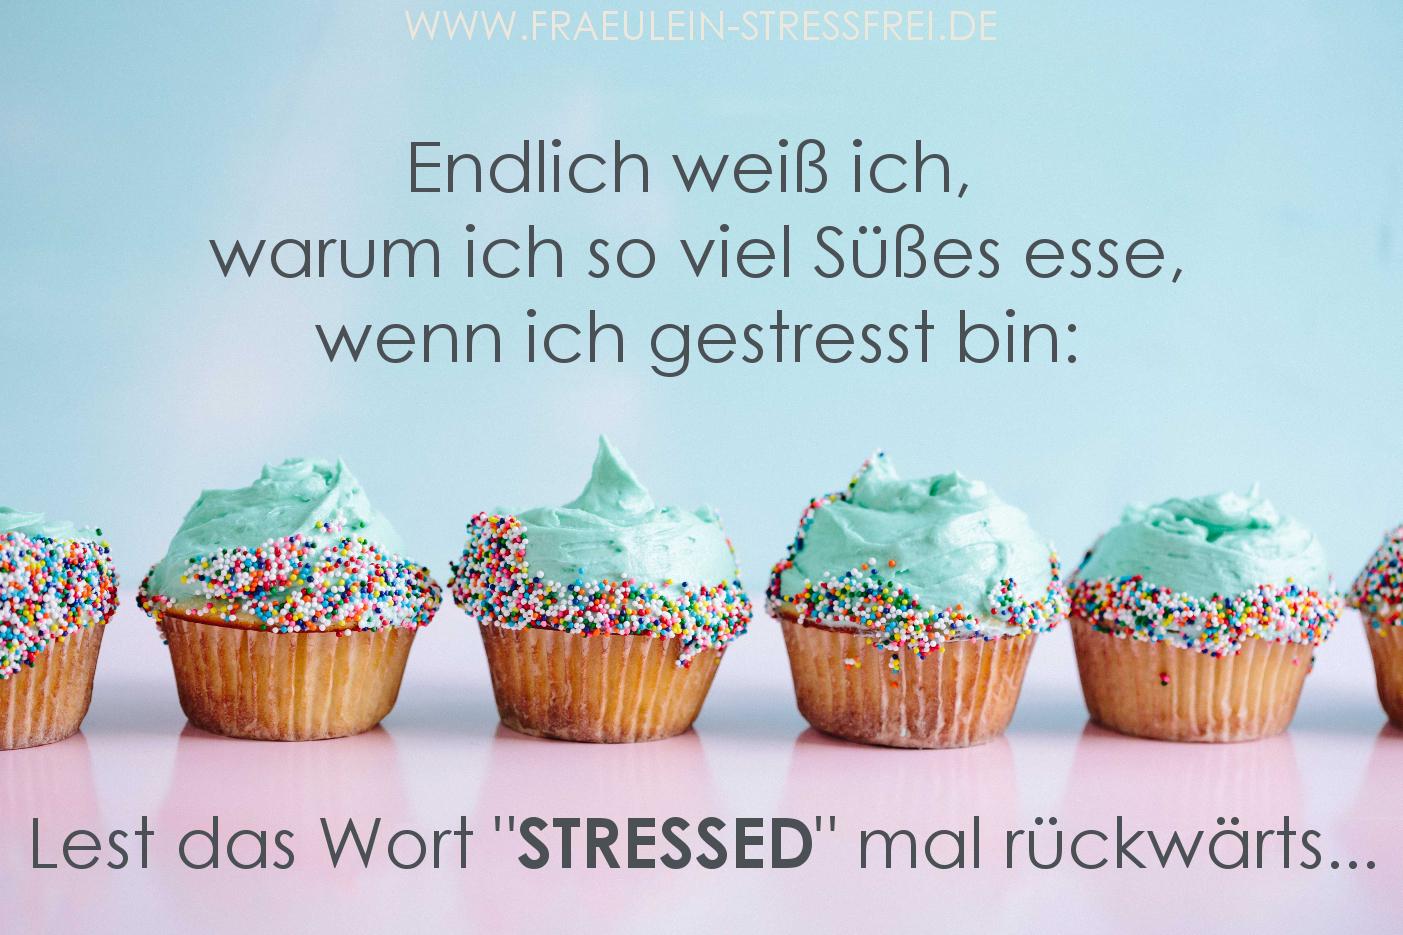 """Endlich weiß ich, warum ich so viel Süßes esse, wenn ich gestresst bin: Lest das Wort """"STRESSED"""" mal rückwärts..."""